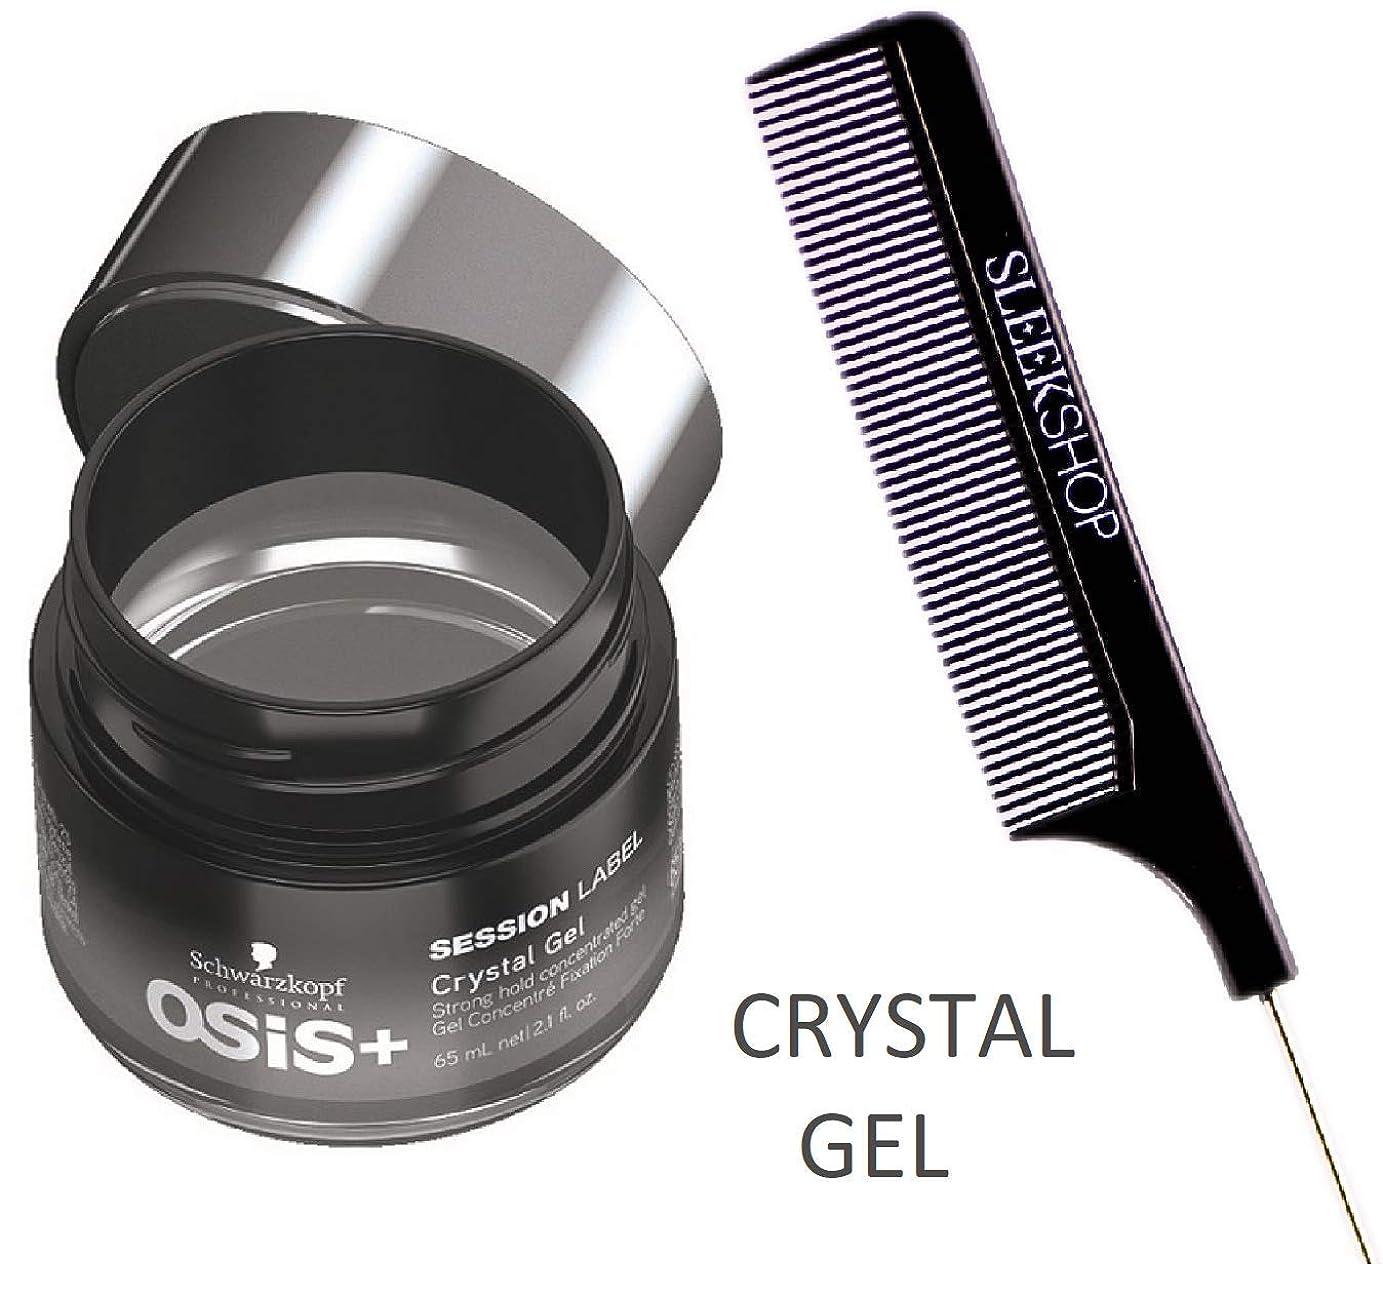 舗装発言するエイズSchwarzkopf OSIS +セッションラベルCRYSTAL GELストロングホールド濃縮ジェル(STYLISTのKIT) 2.1オンス/ 65ミリリットル